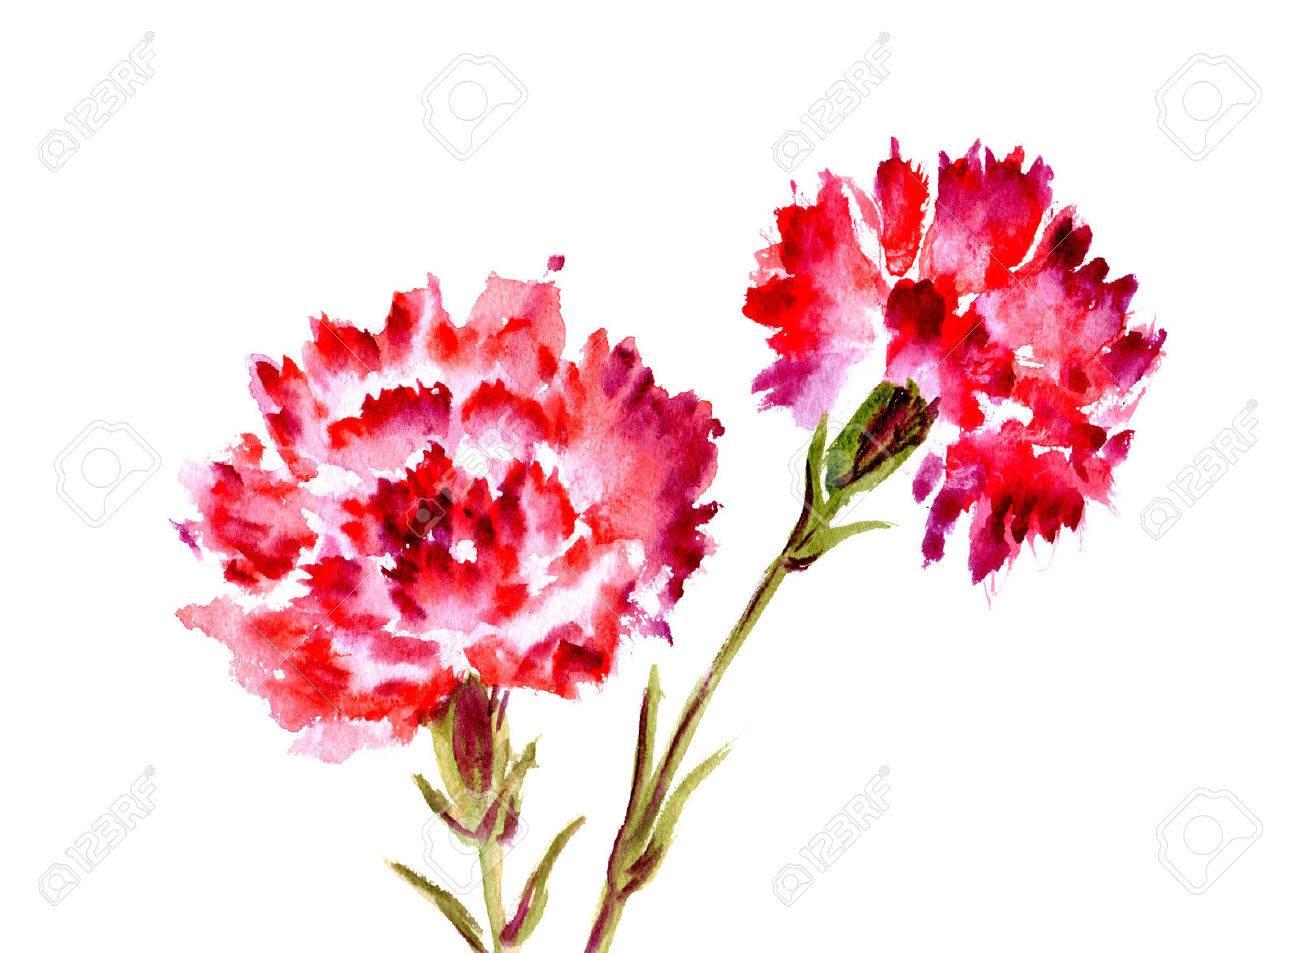 Lieblings Aquarell Zwei Rote Blume Nelke Auf Weißem Hintergrund Lizenzfreie @GW_92